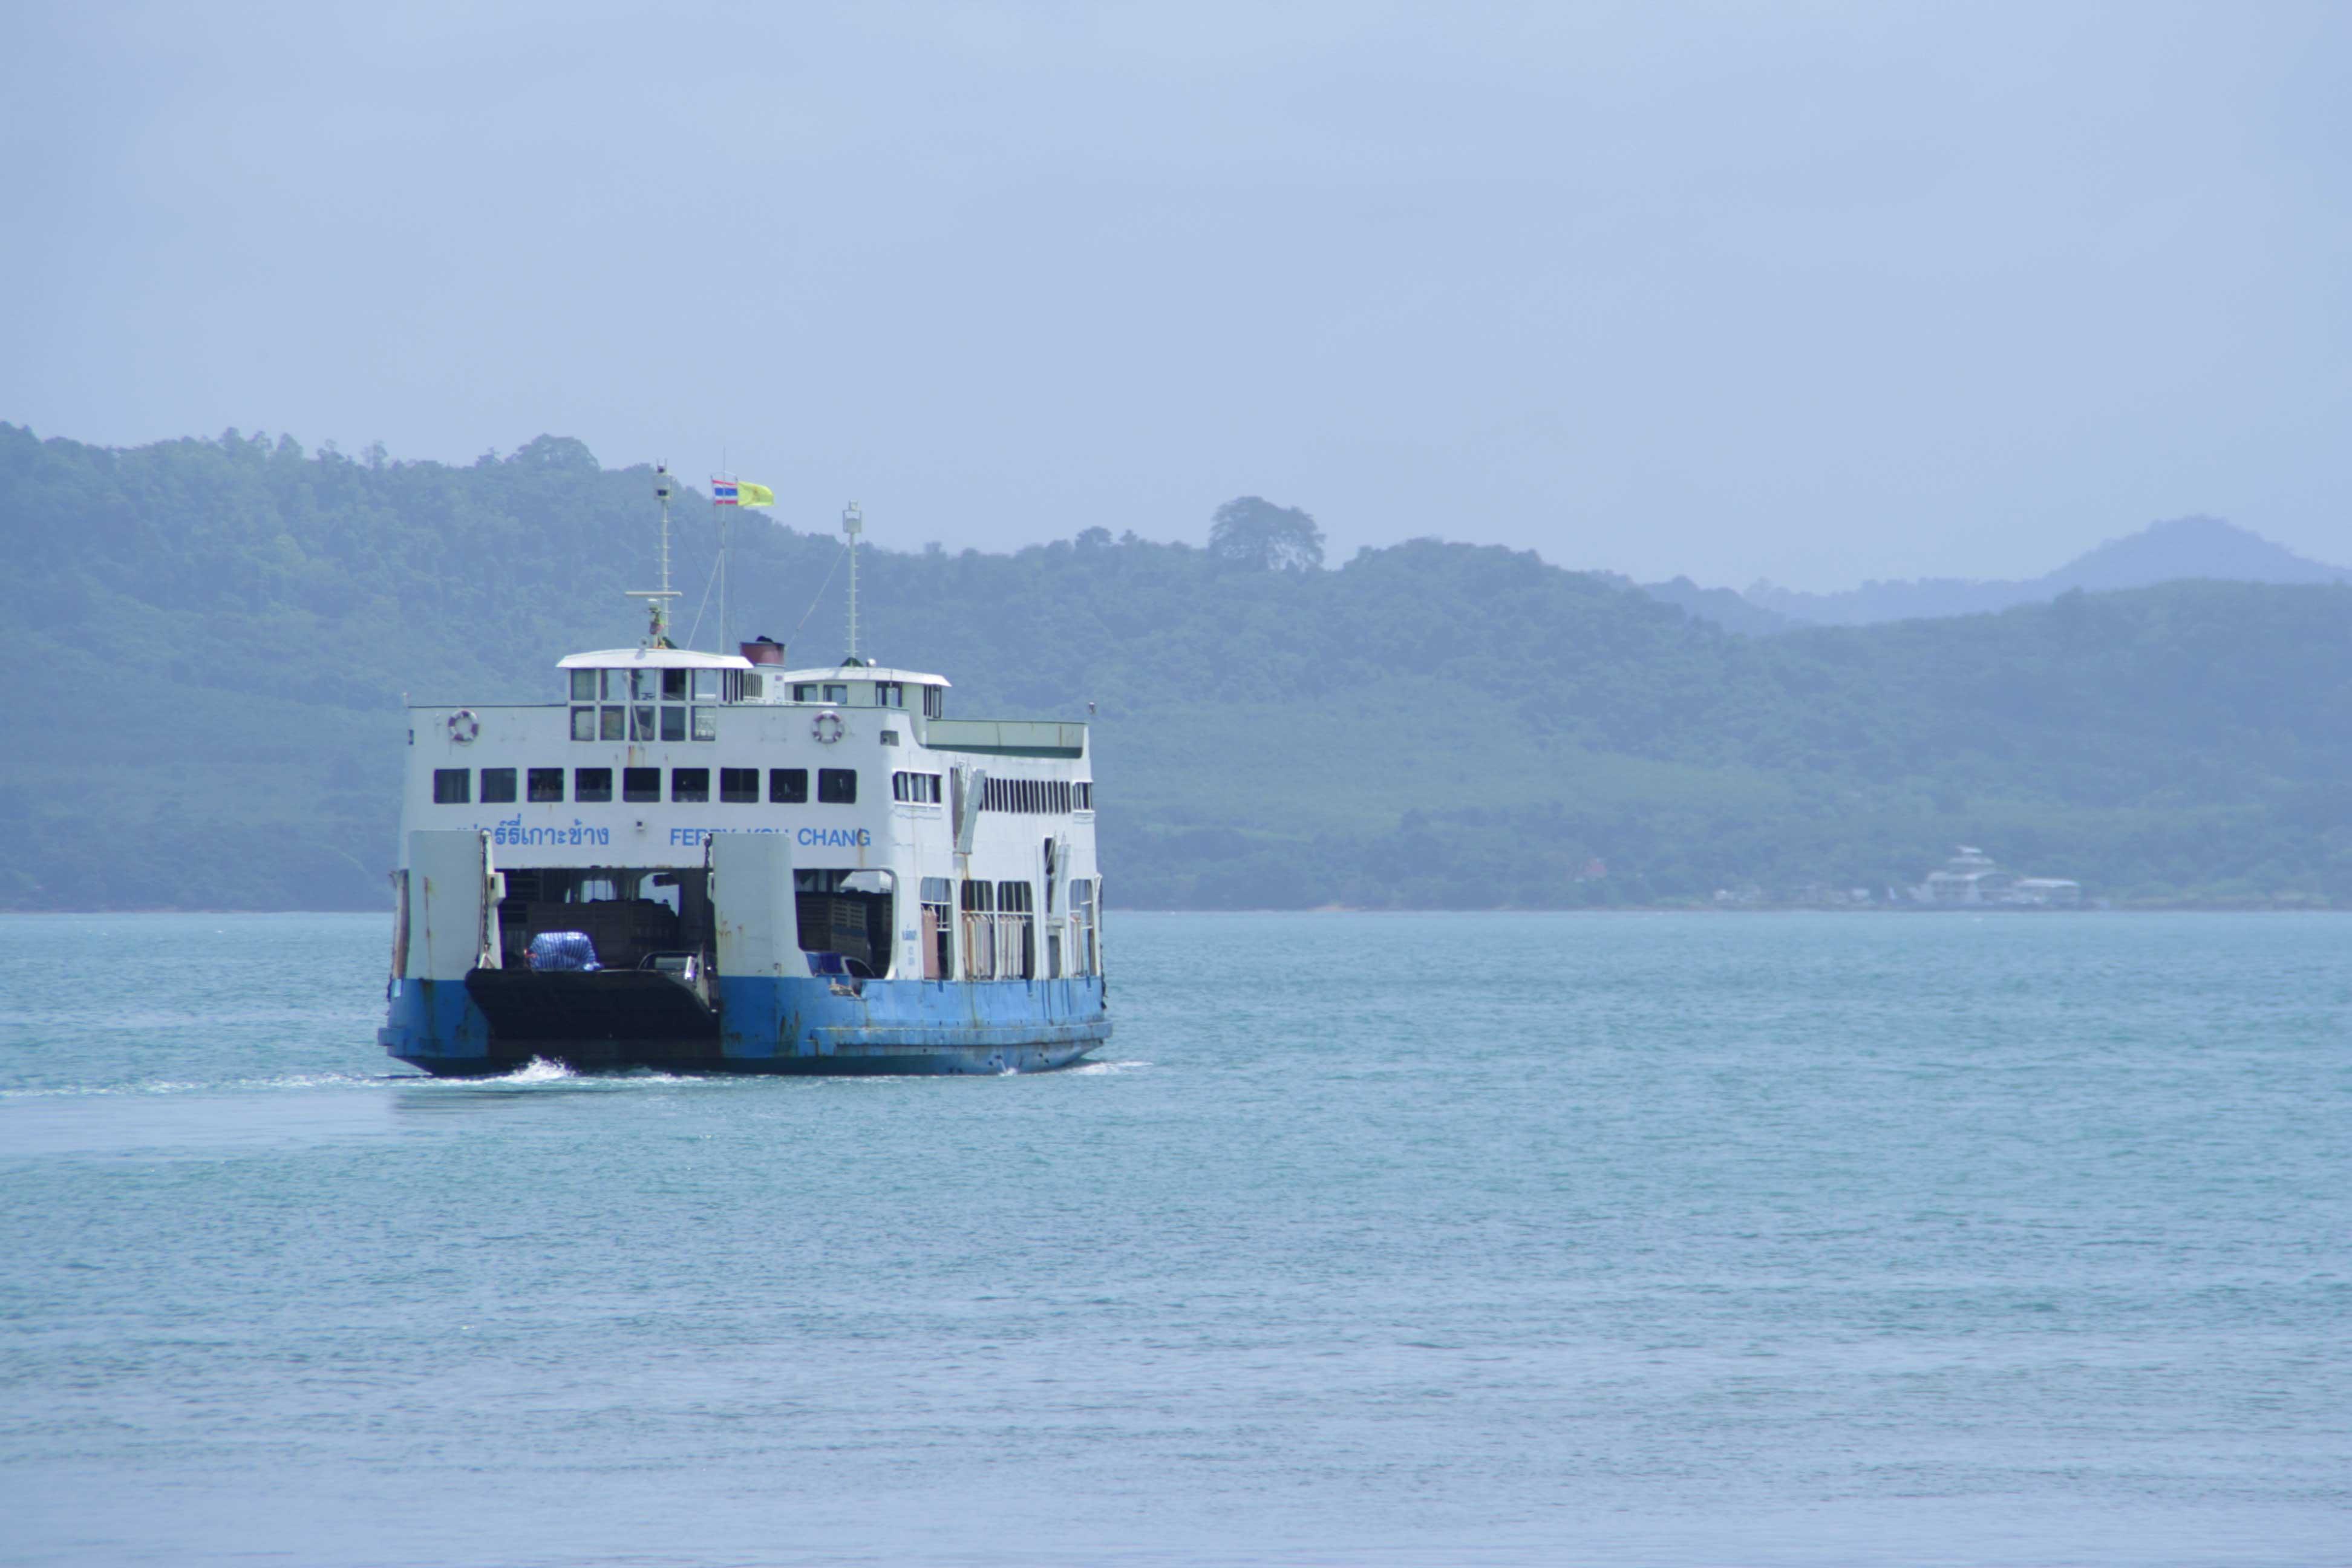 koh-chang-fähre-insel-auto-preise-zeiten-kosten-thailand-tour-anfahrt